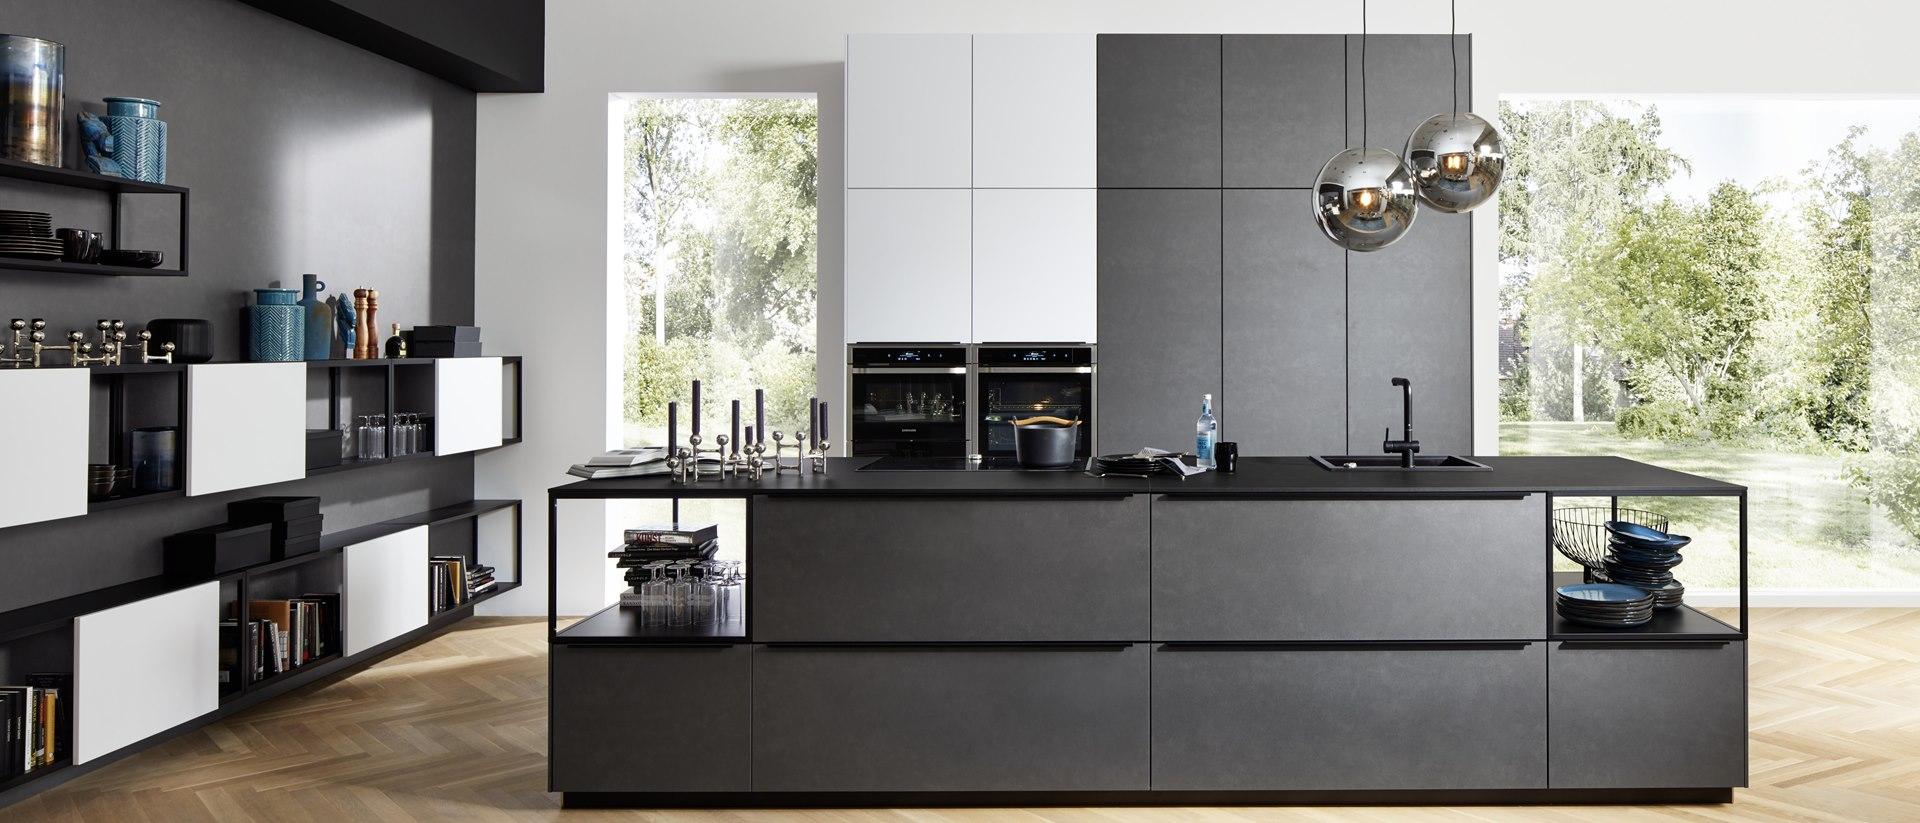 Industrie-Style mit Nolte Küchen im Trend